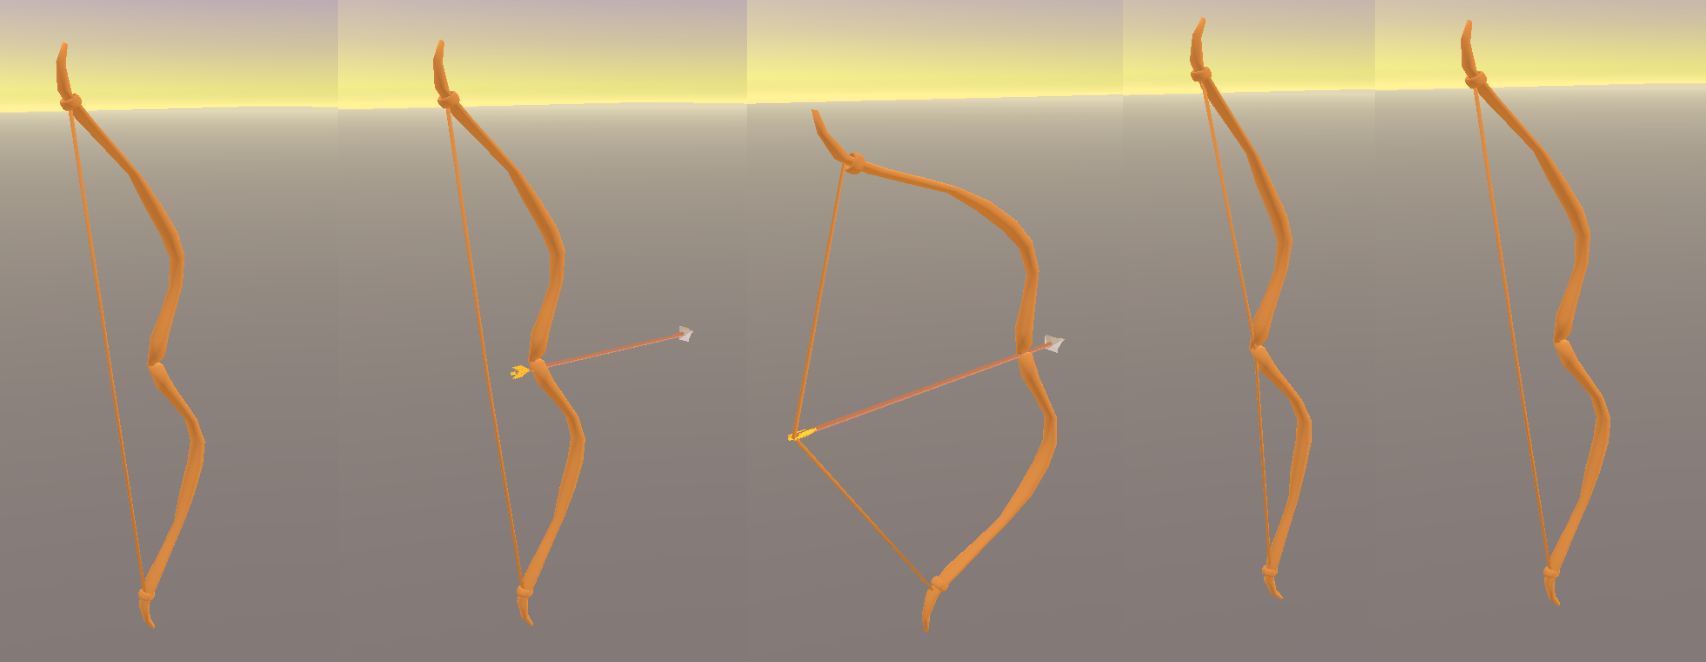 Standardize Bows